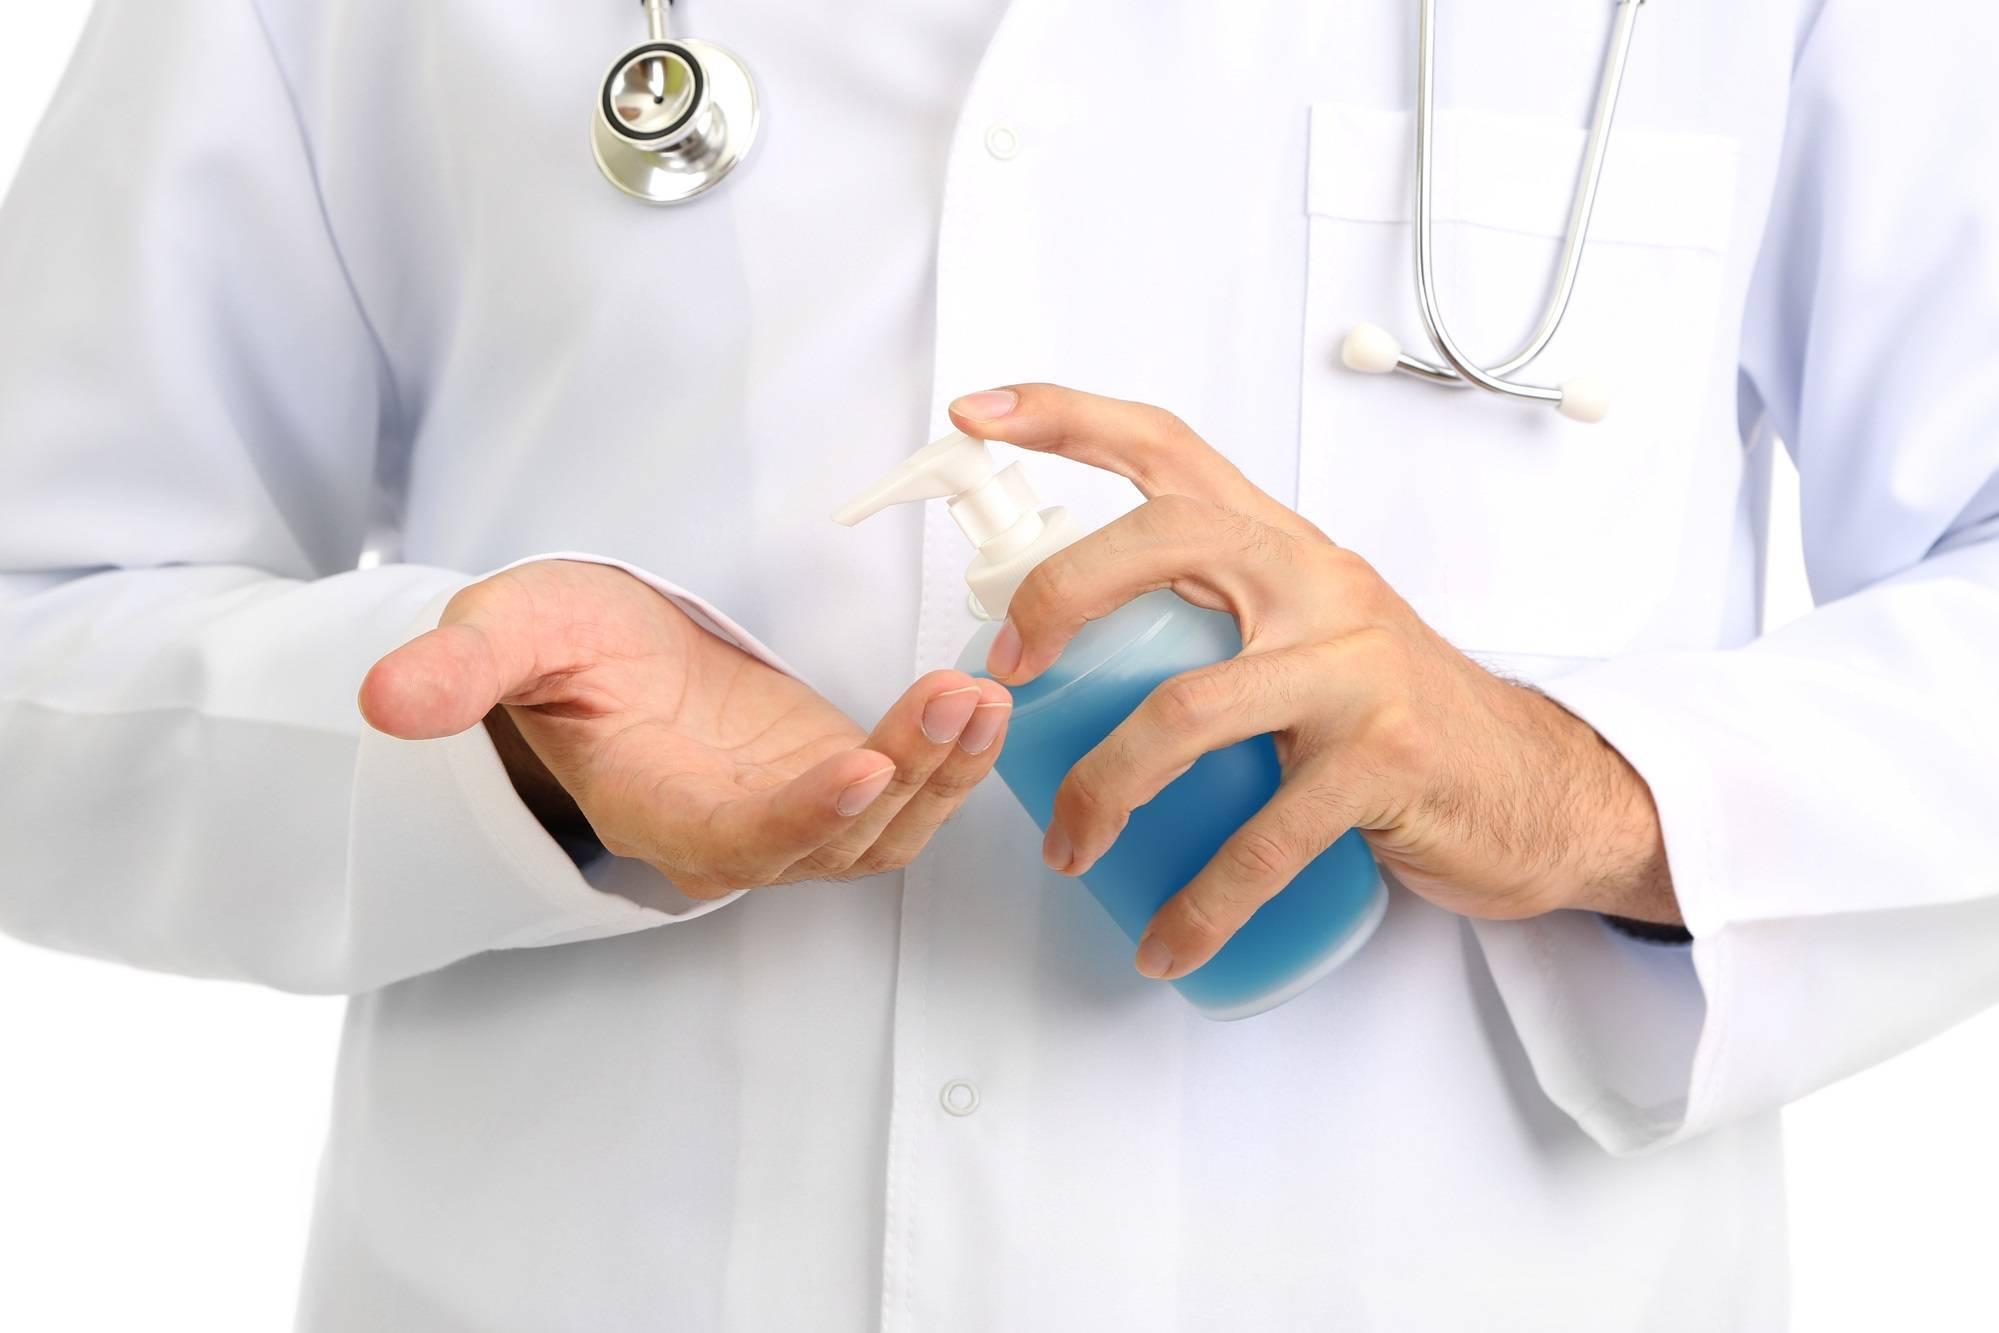 Антисептик на основе спирта для рук – где купить и как приготовить своими руками в домашних условиях